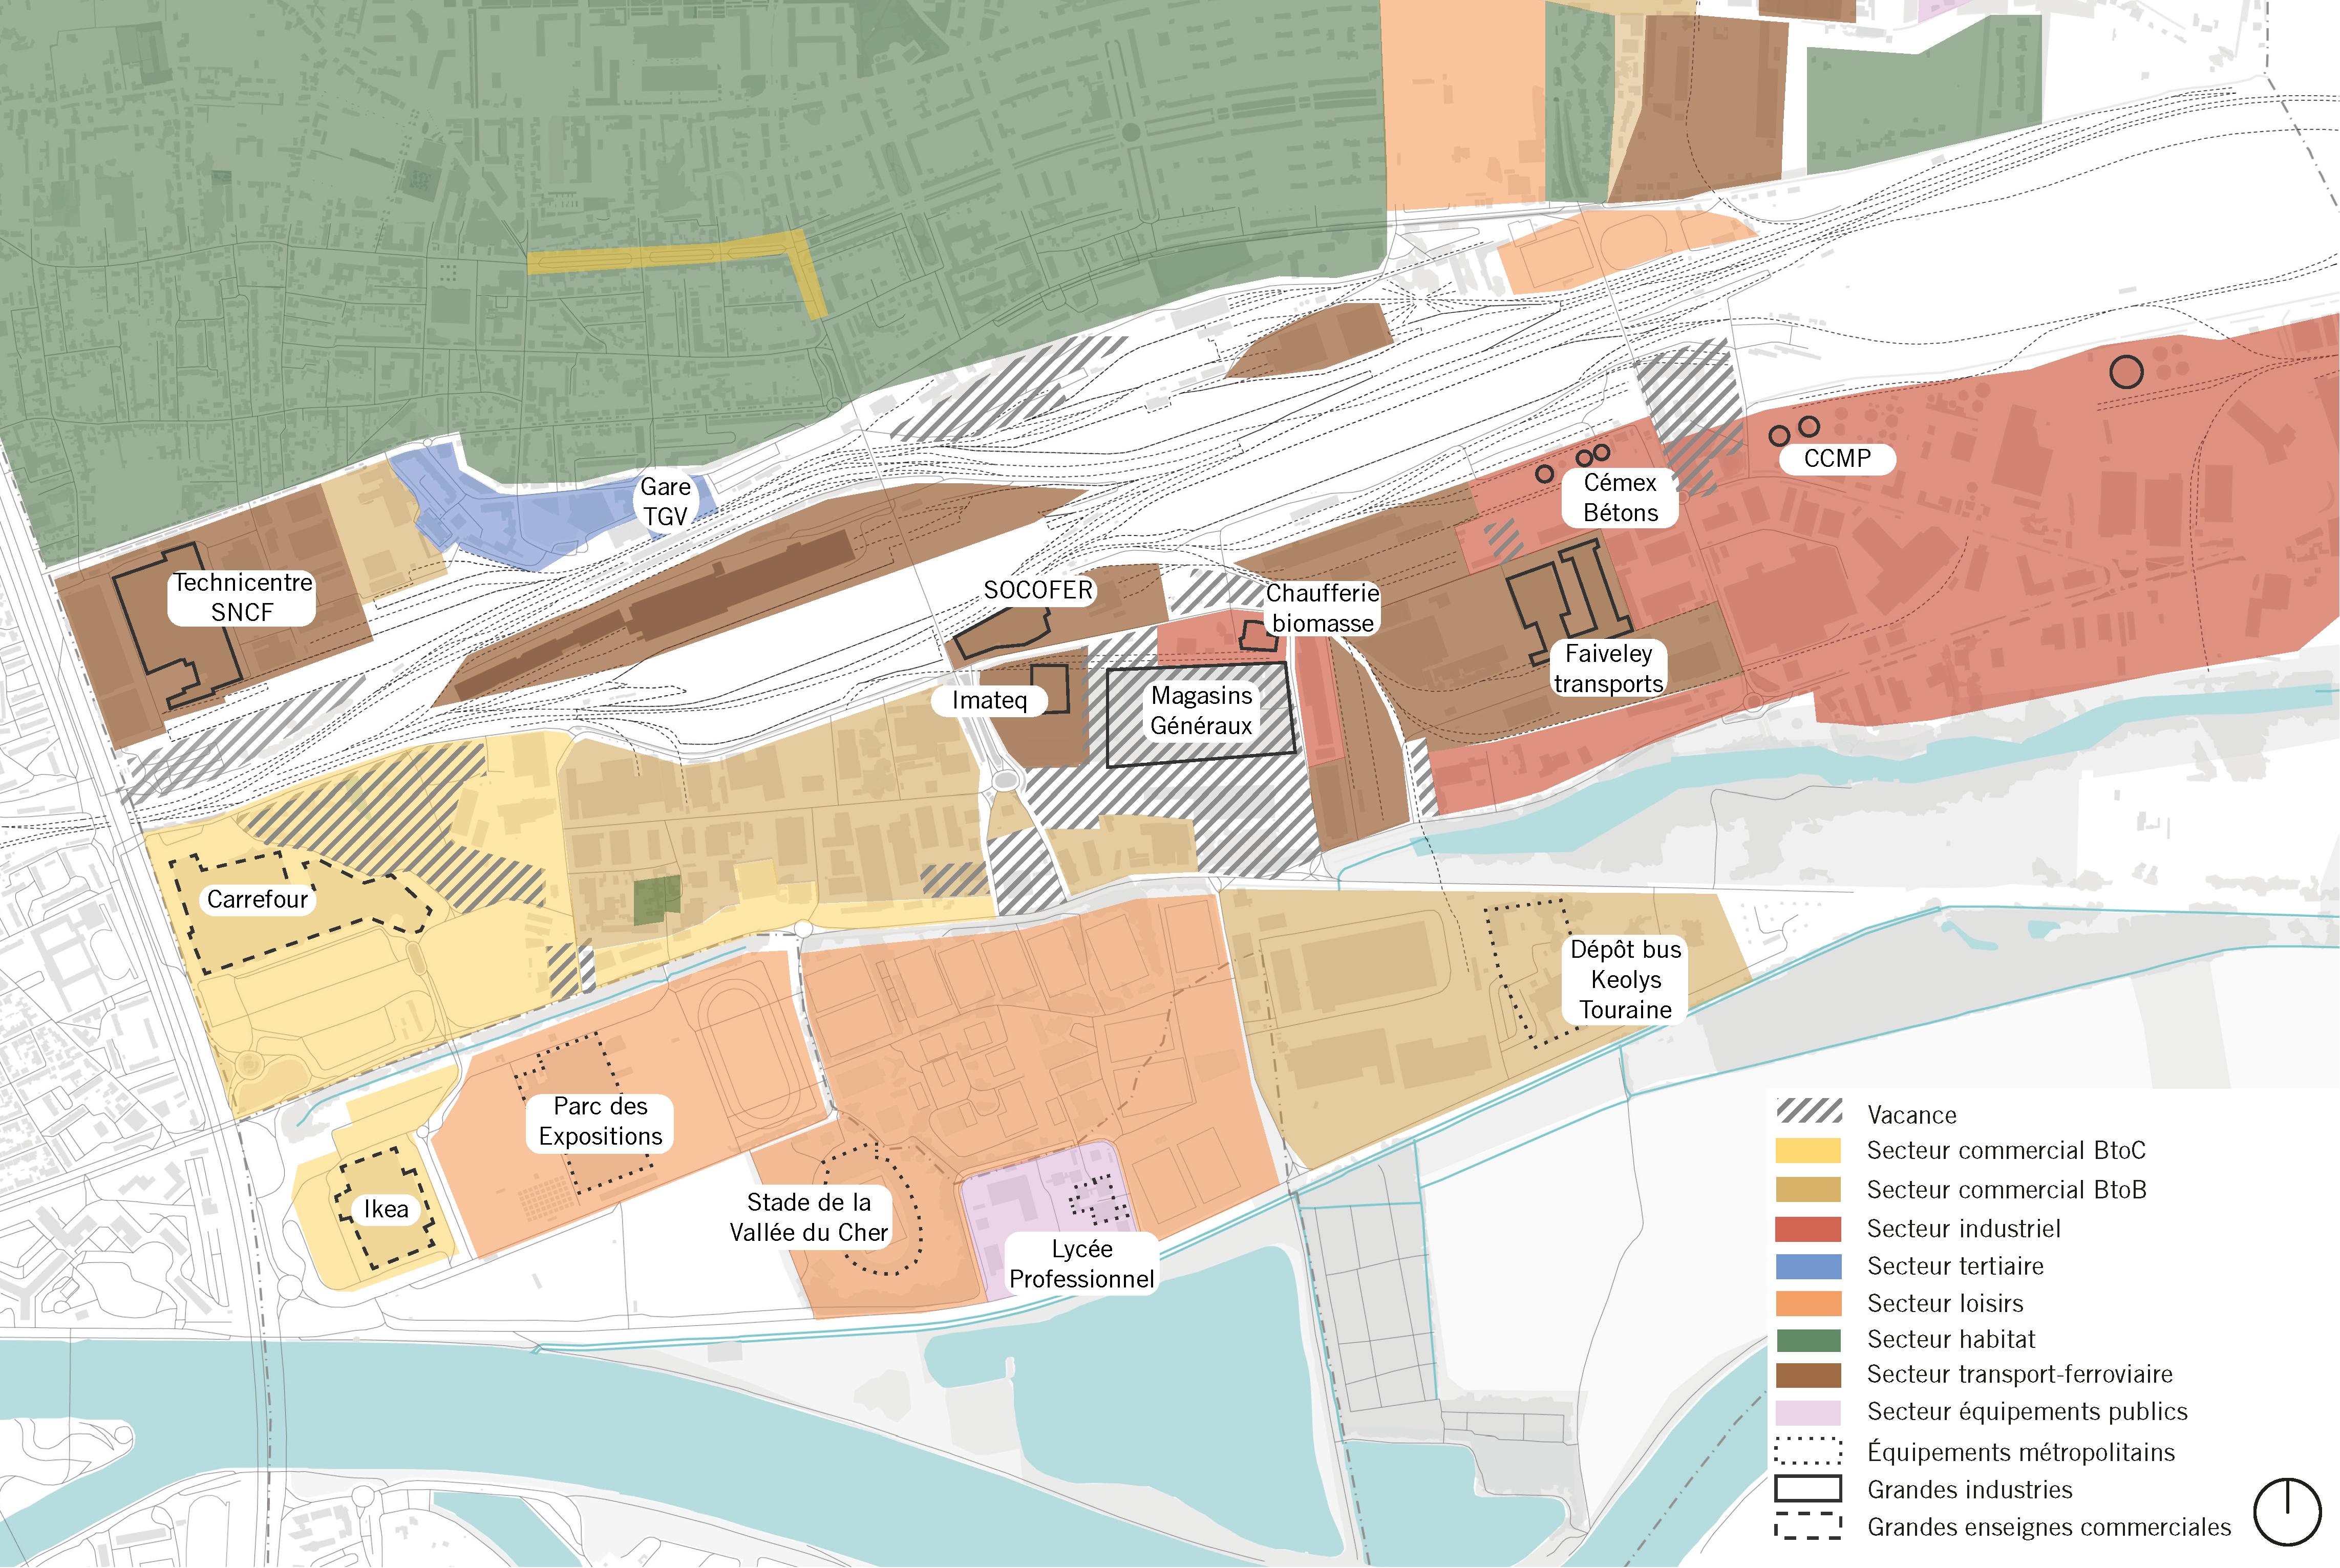 2020 SAINT-PIERRE-DES-CORPS : Réalisation d'une étude urbaine sur un pôle élargi de la Gare de Saint-Pierre-des-Corps